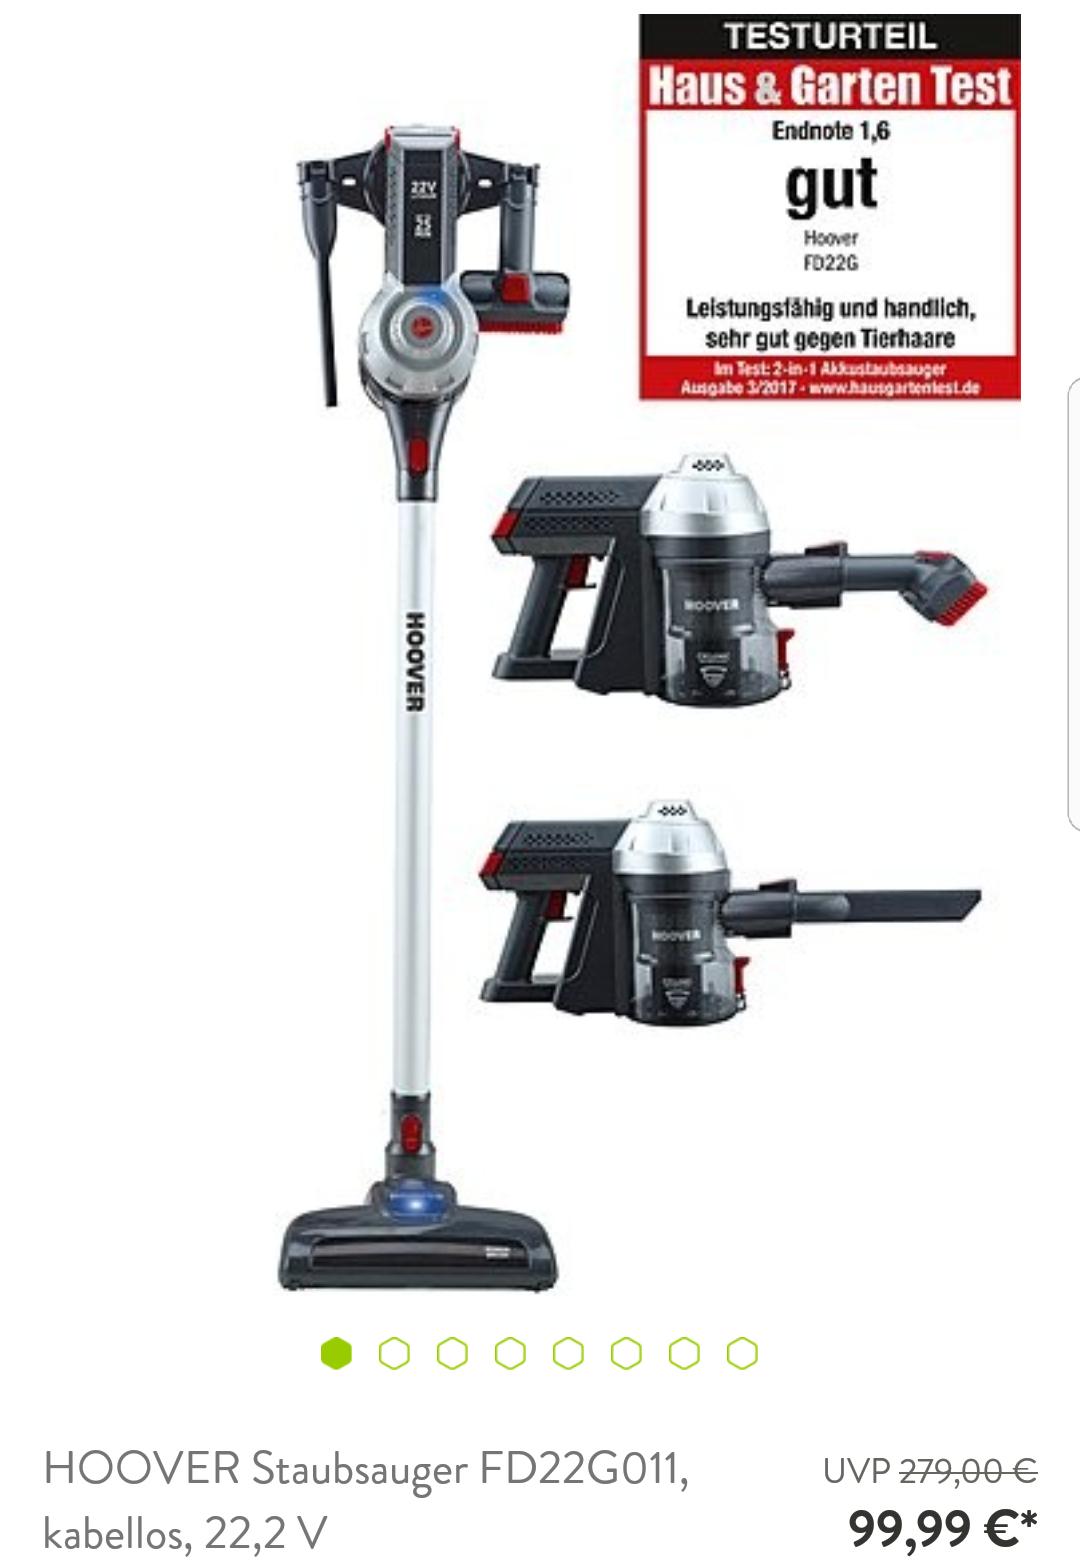 Hoover kabelloser Staubsauger FD22G011 für 99,99€